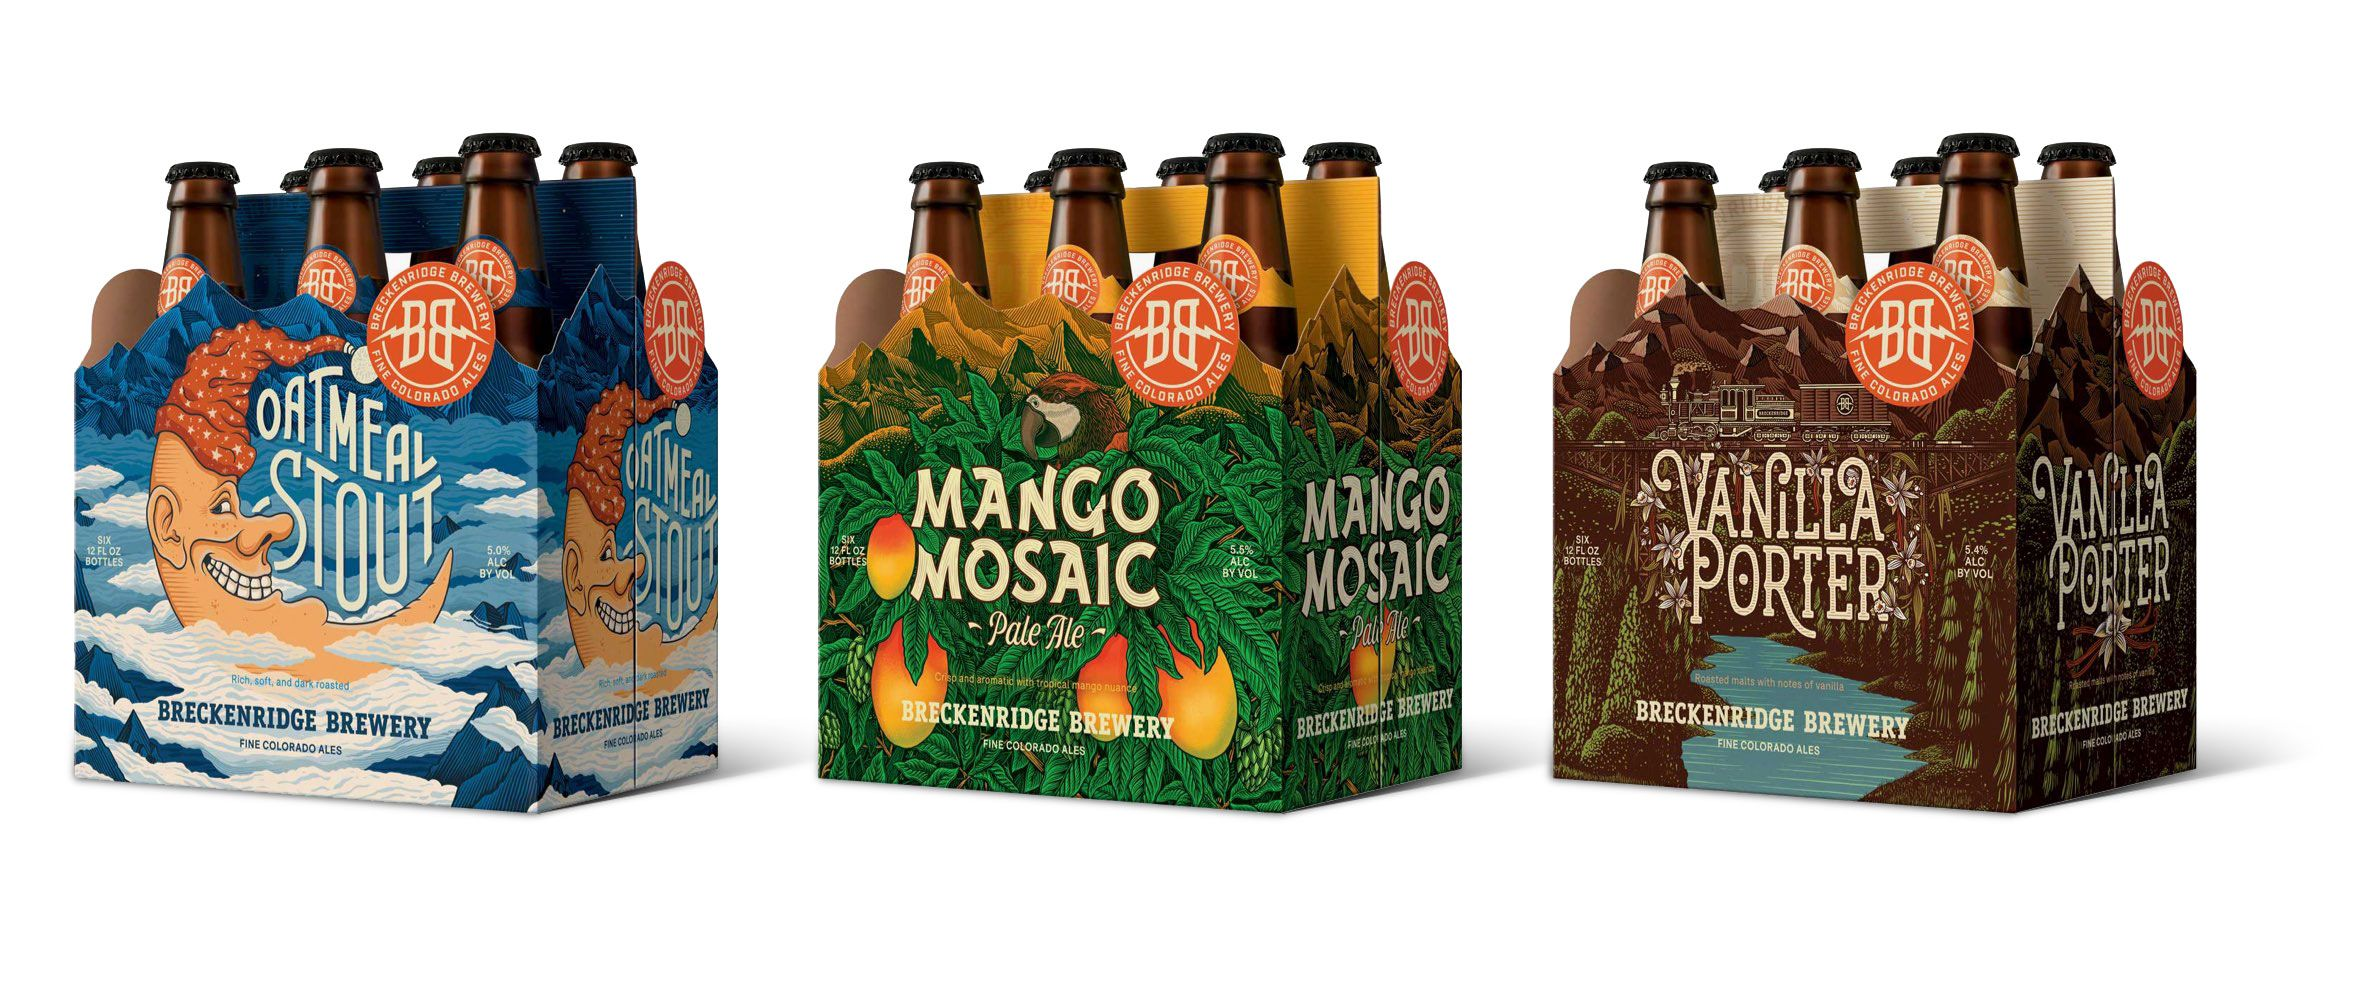 Packaging spread of Breckenridge Brewery's 6-packs